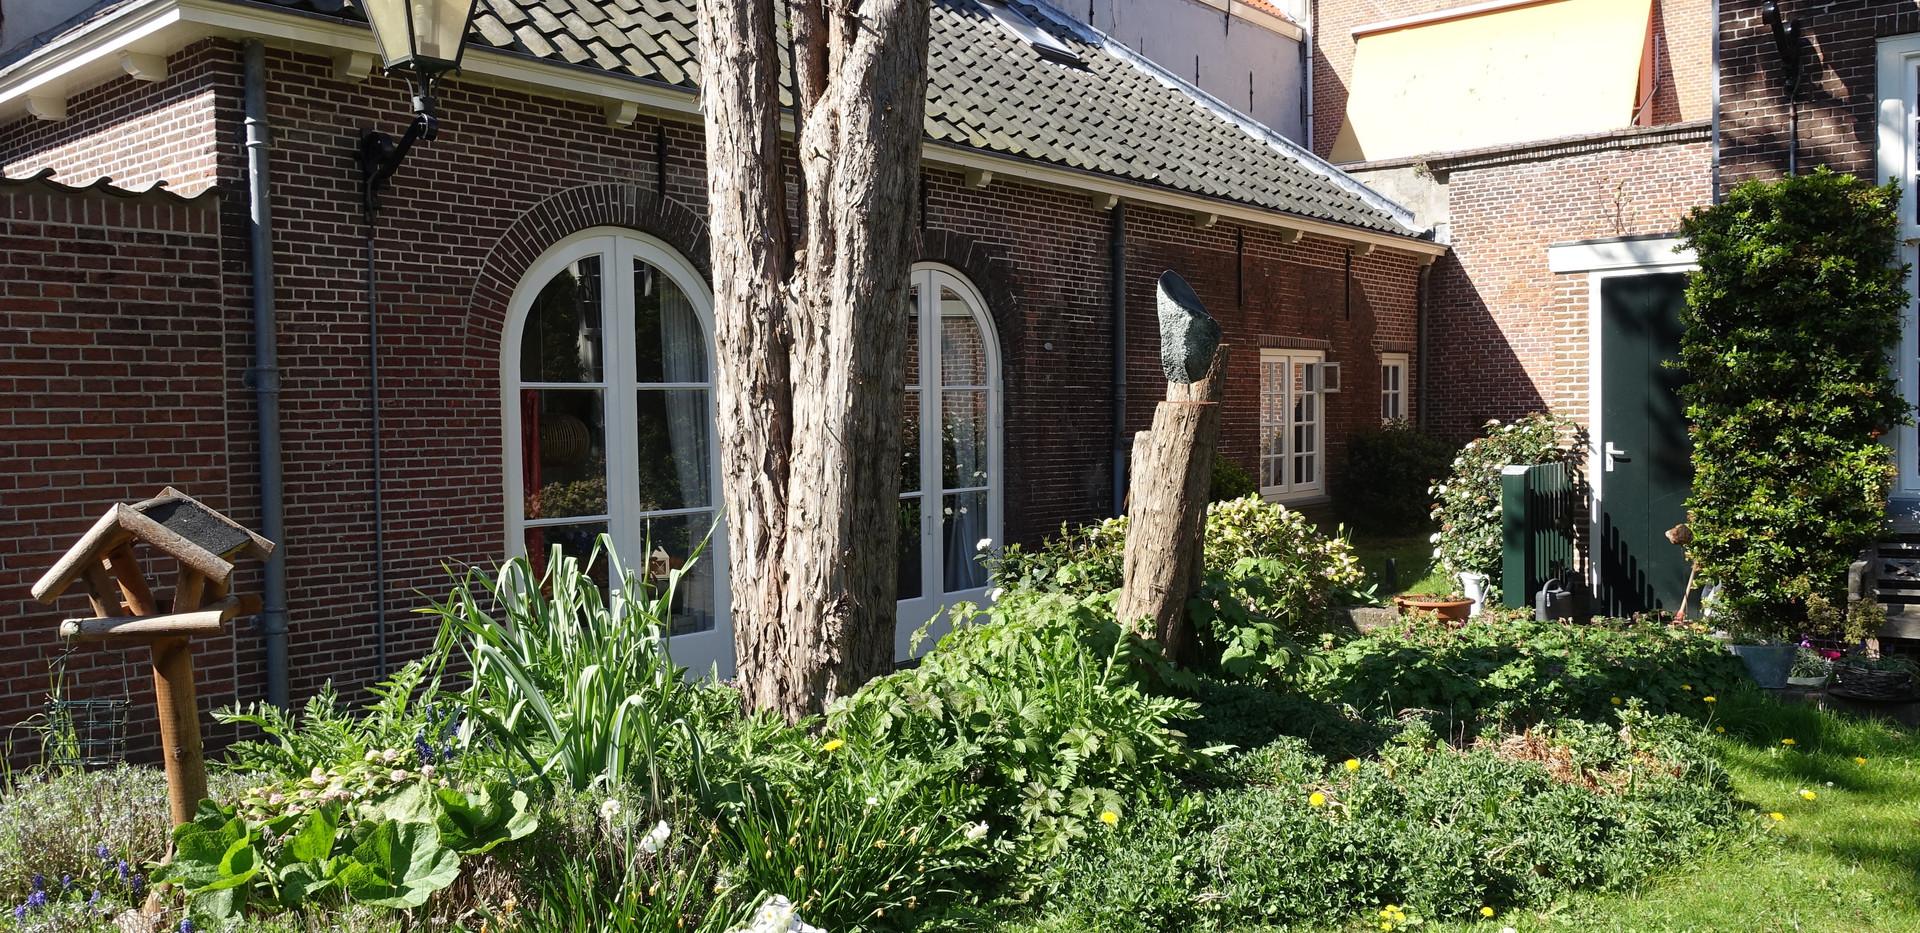 2017-04-2017 Leiden Hofjesberaad-87.jpg